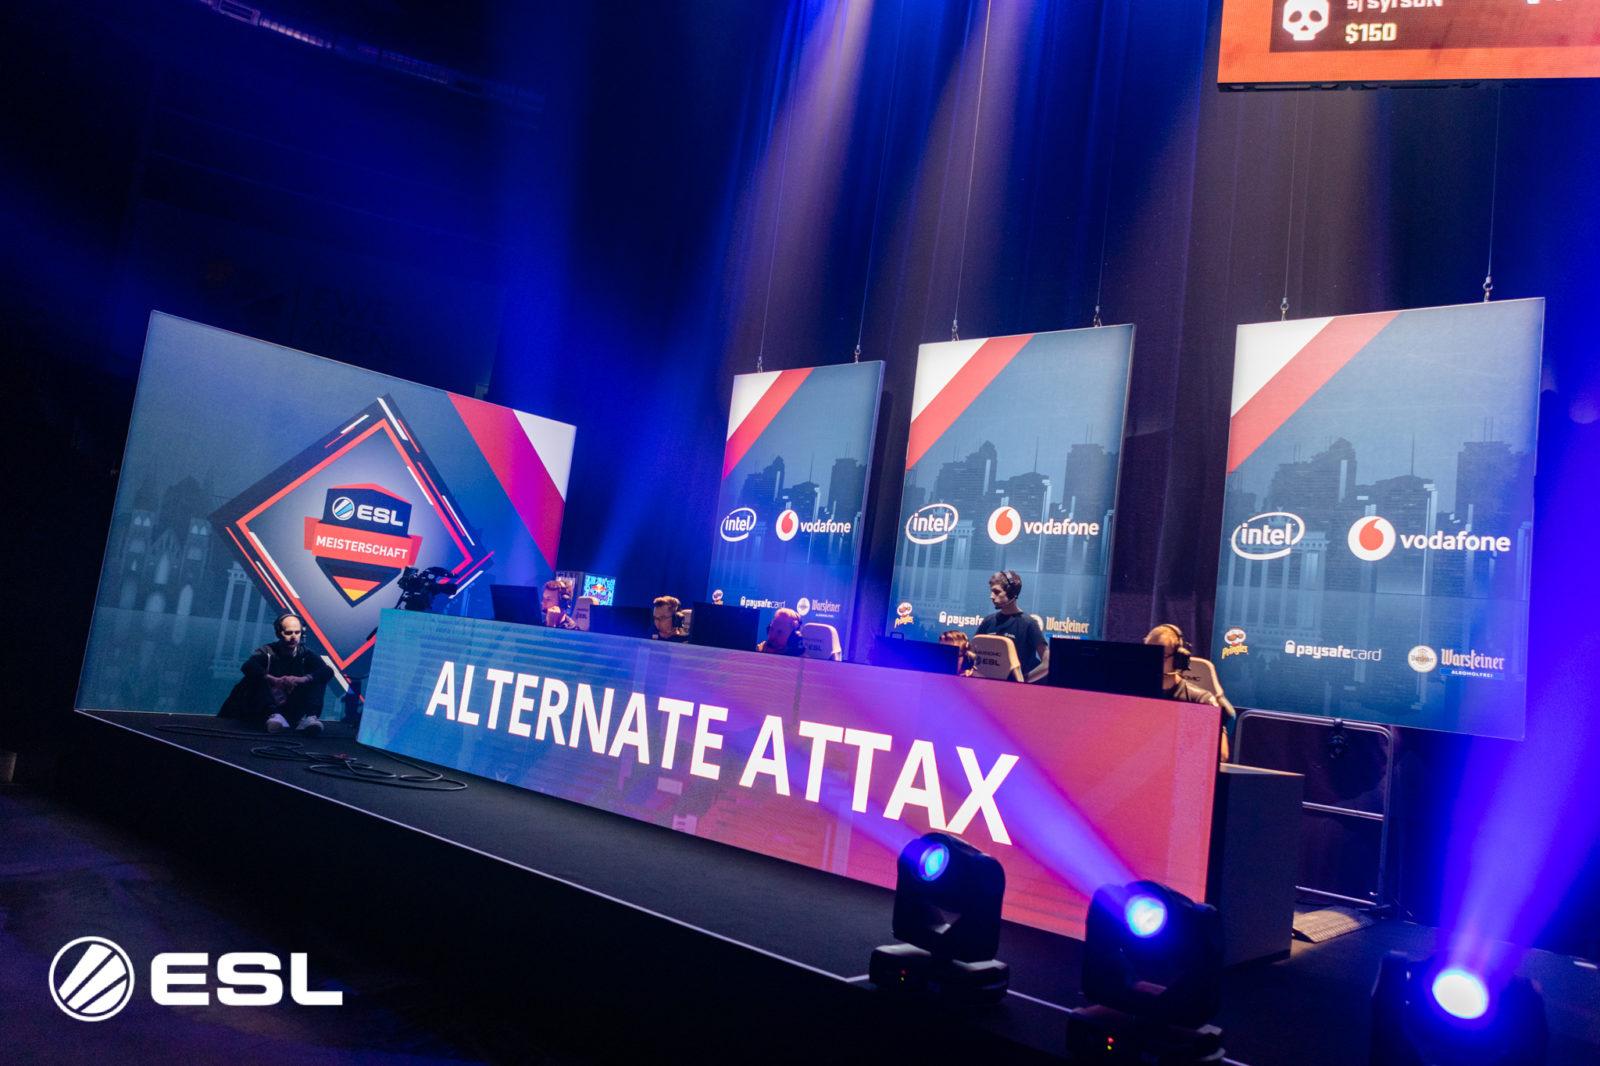 Nach dem 1. Spieltag: ALTERNATE, BERZERK, PANTHERS und Sprout teilen sich die Tabellenführung